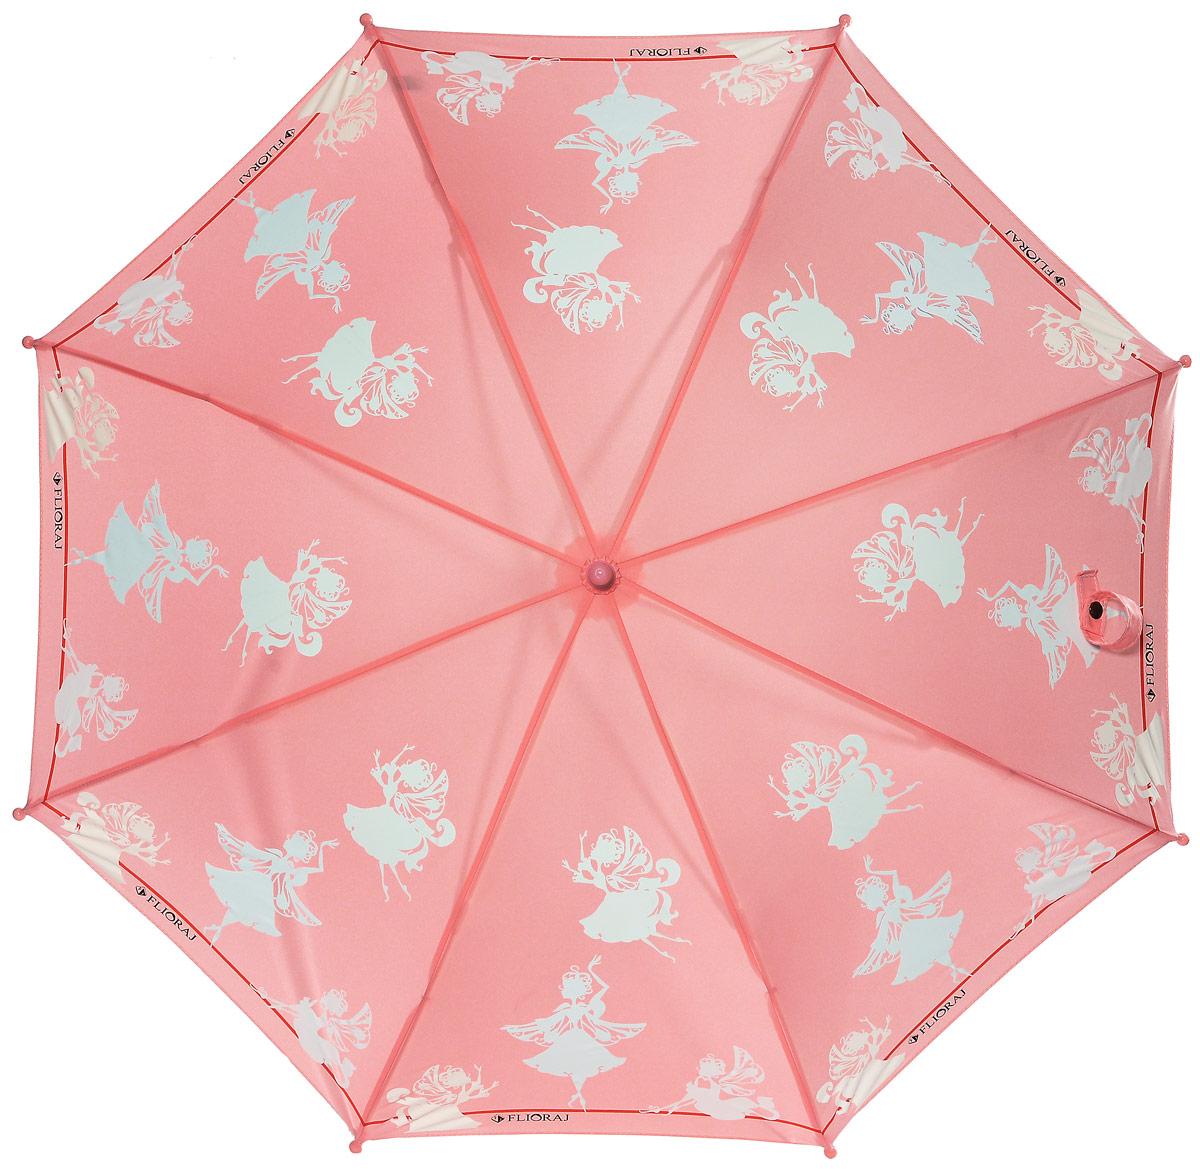 Зонт детский Flioraj, механика, трость, цвет: персиковый, светло-голубой. 051201051201 FJОчаровательный зонт для детей в нескольких цветах. Маленькие феи будто случайно спустились на зонт и теперь кружатся в радужном танце. Детский зонтик Flioraj с поверхностью реагирующей на воду, при намокании рисунок становится цветным, он обязательно понравится Вам и Вашему ребенку! Предназначен для детей младшего и среднего школьного возраста. Для удобства предусмотрена безопасная технология открывания и закрывания зонта. Спицы зонта изготовлены из долговечного, но при этом легкого фибергласса, что делает его ветроустойчивым и прочным.